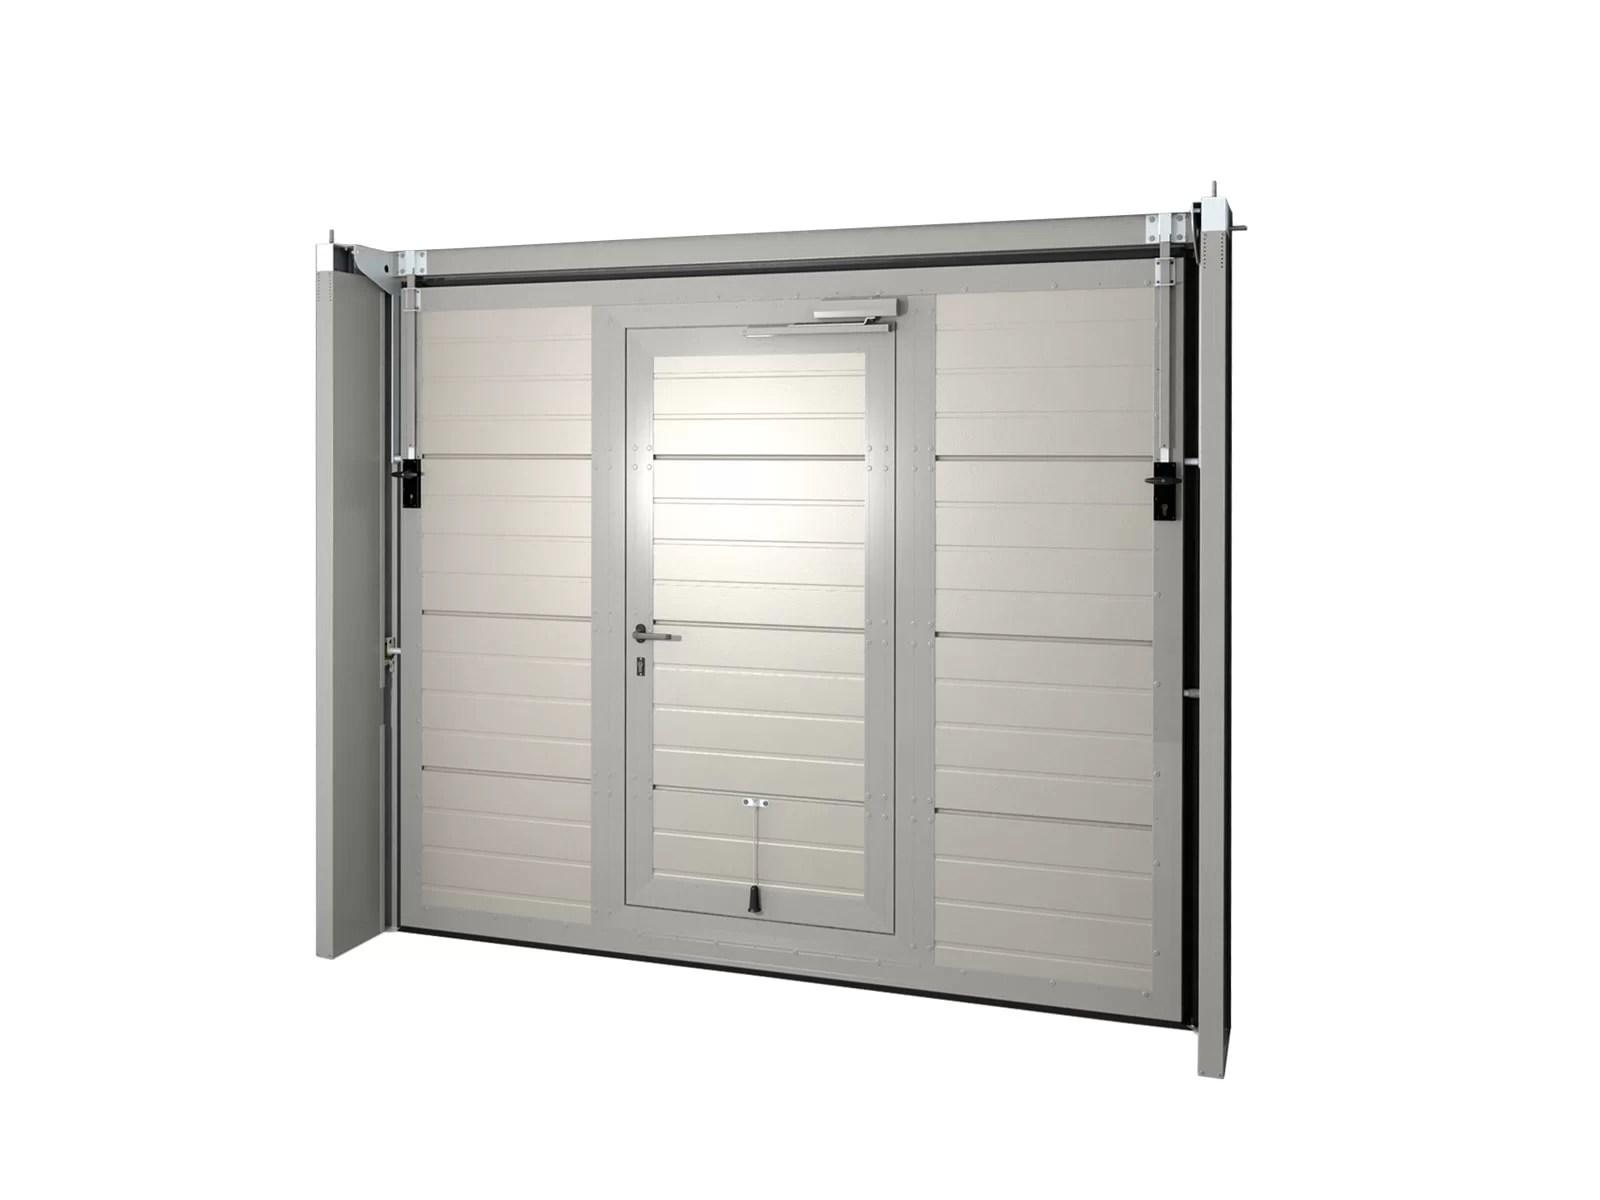 Portone basculante da garage SWING - Vista interna porta pedonale